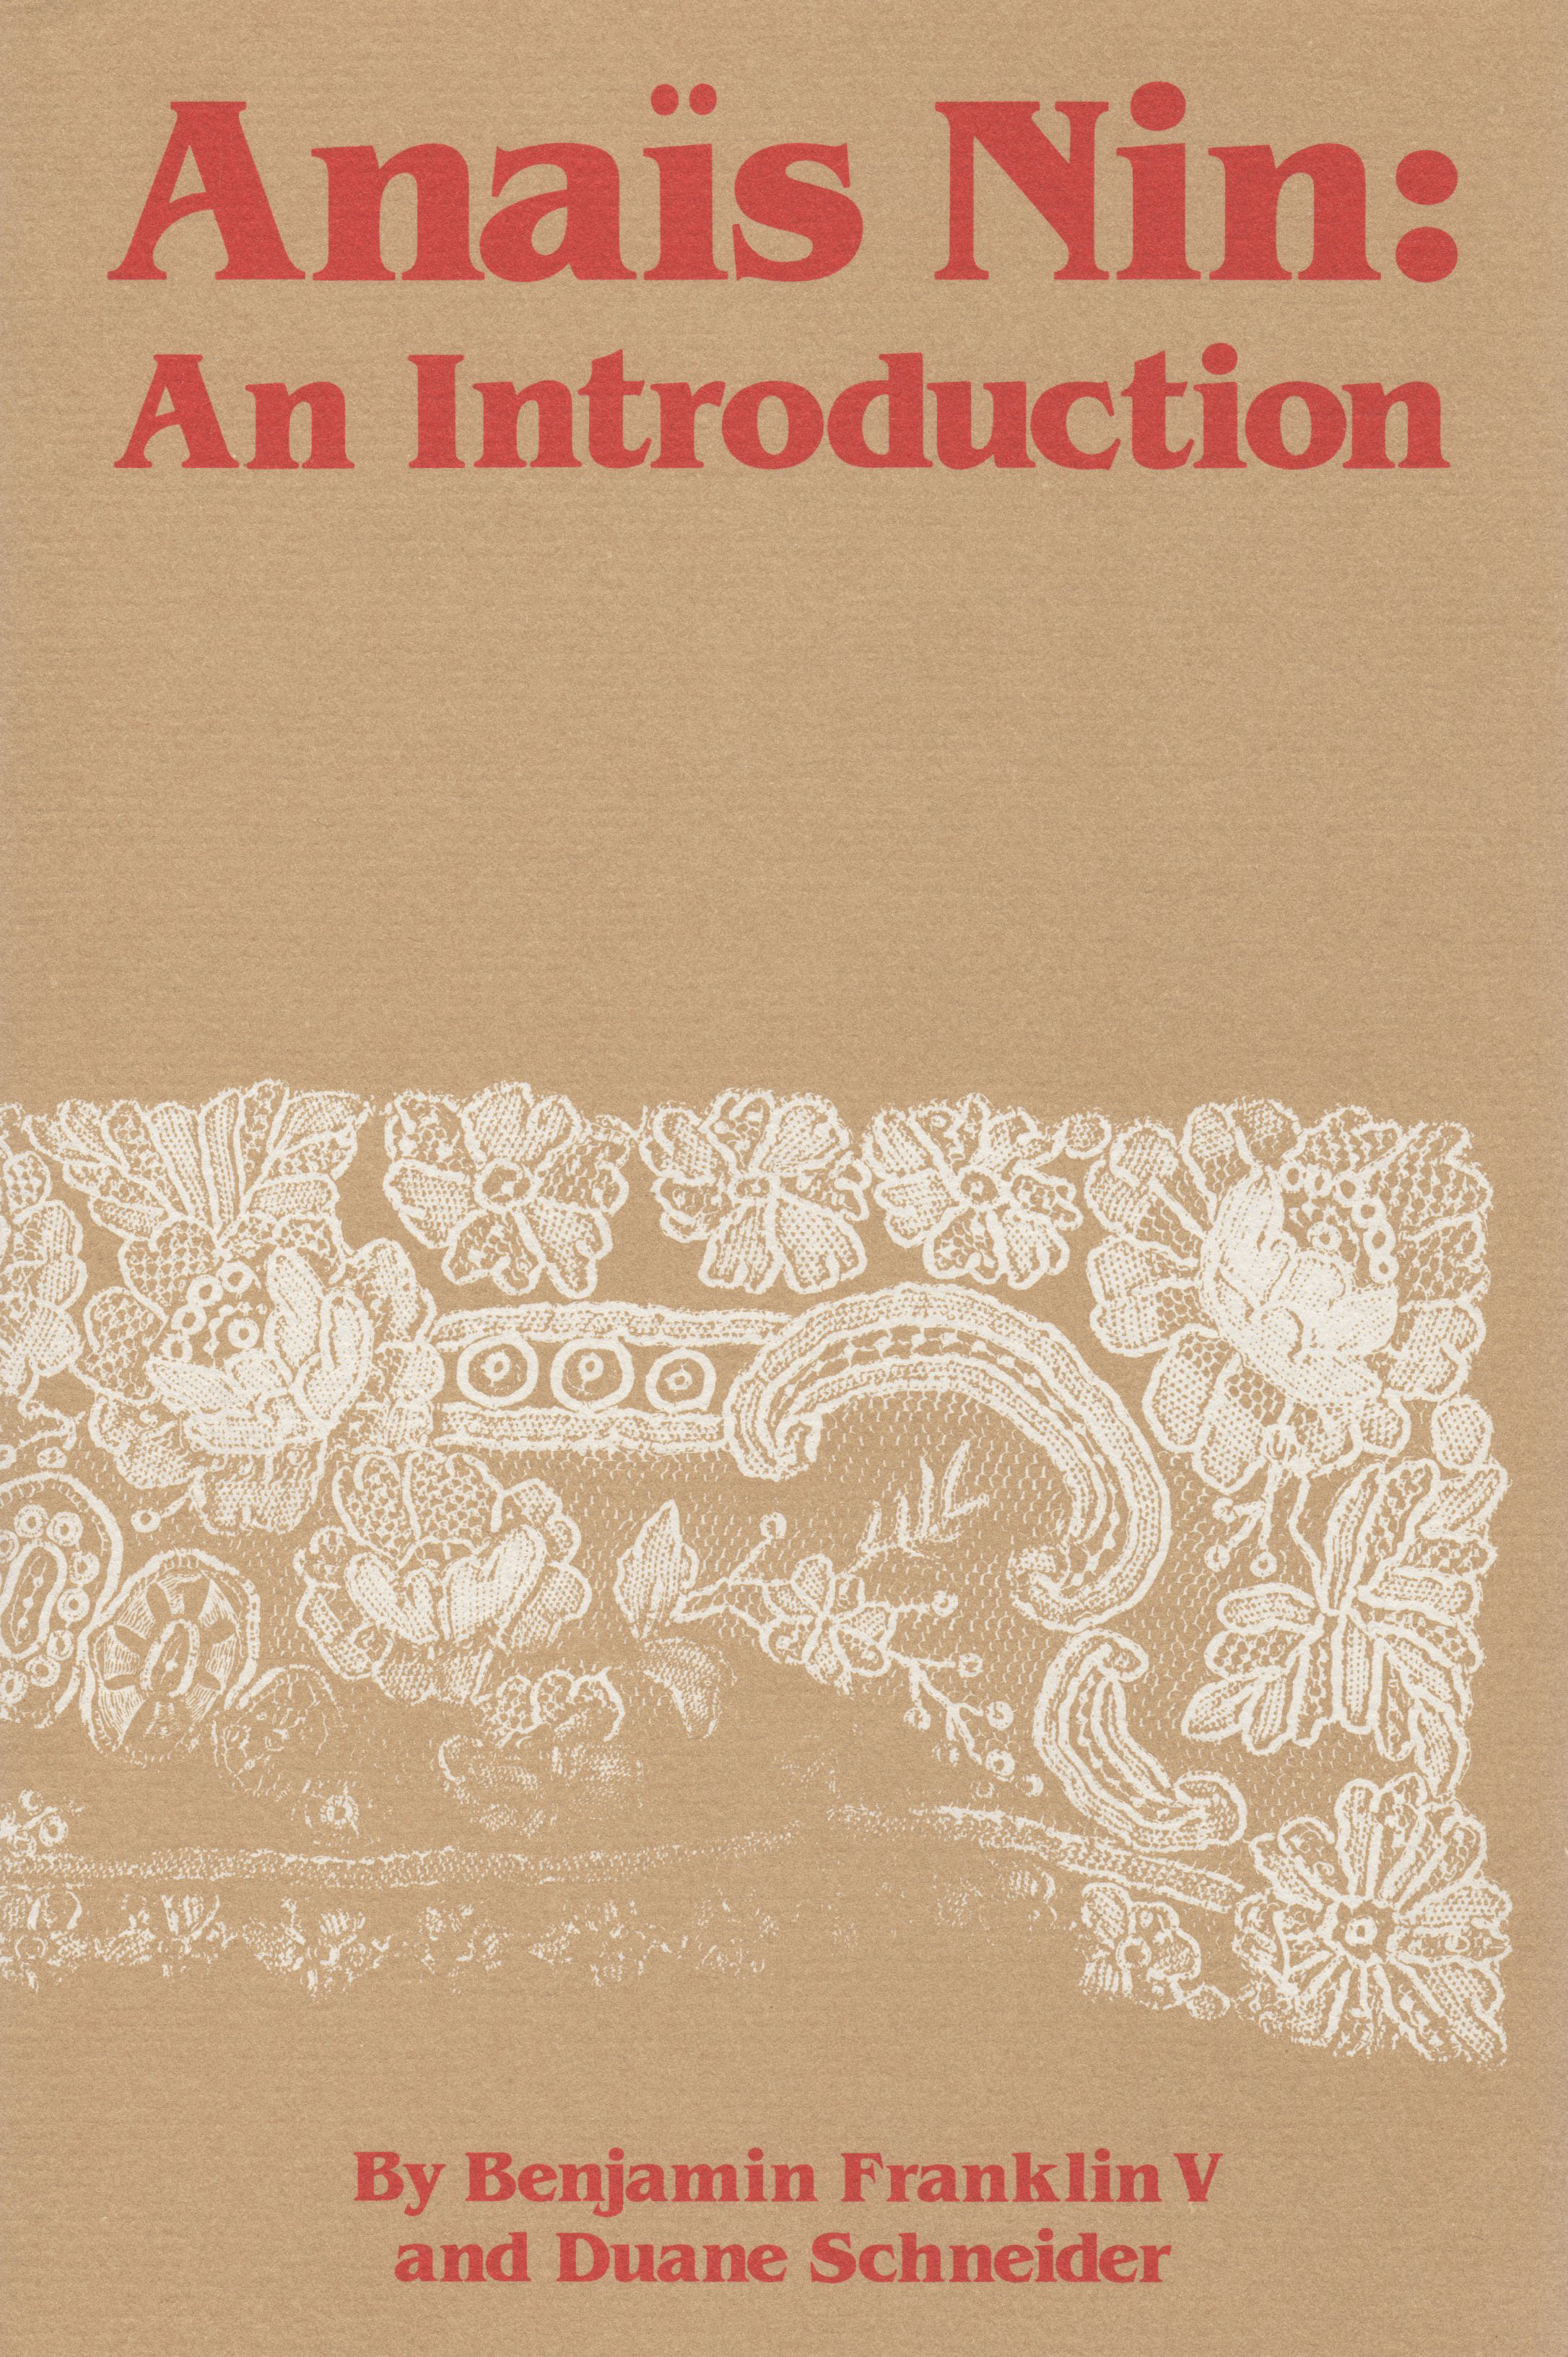 Anais Nin: An Introduction